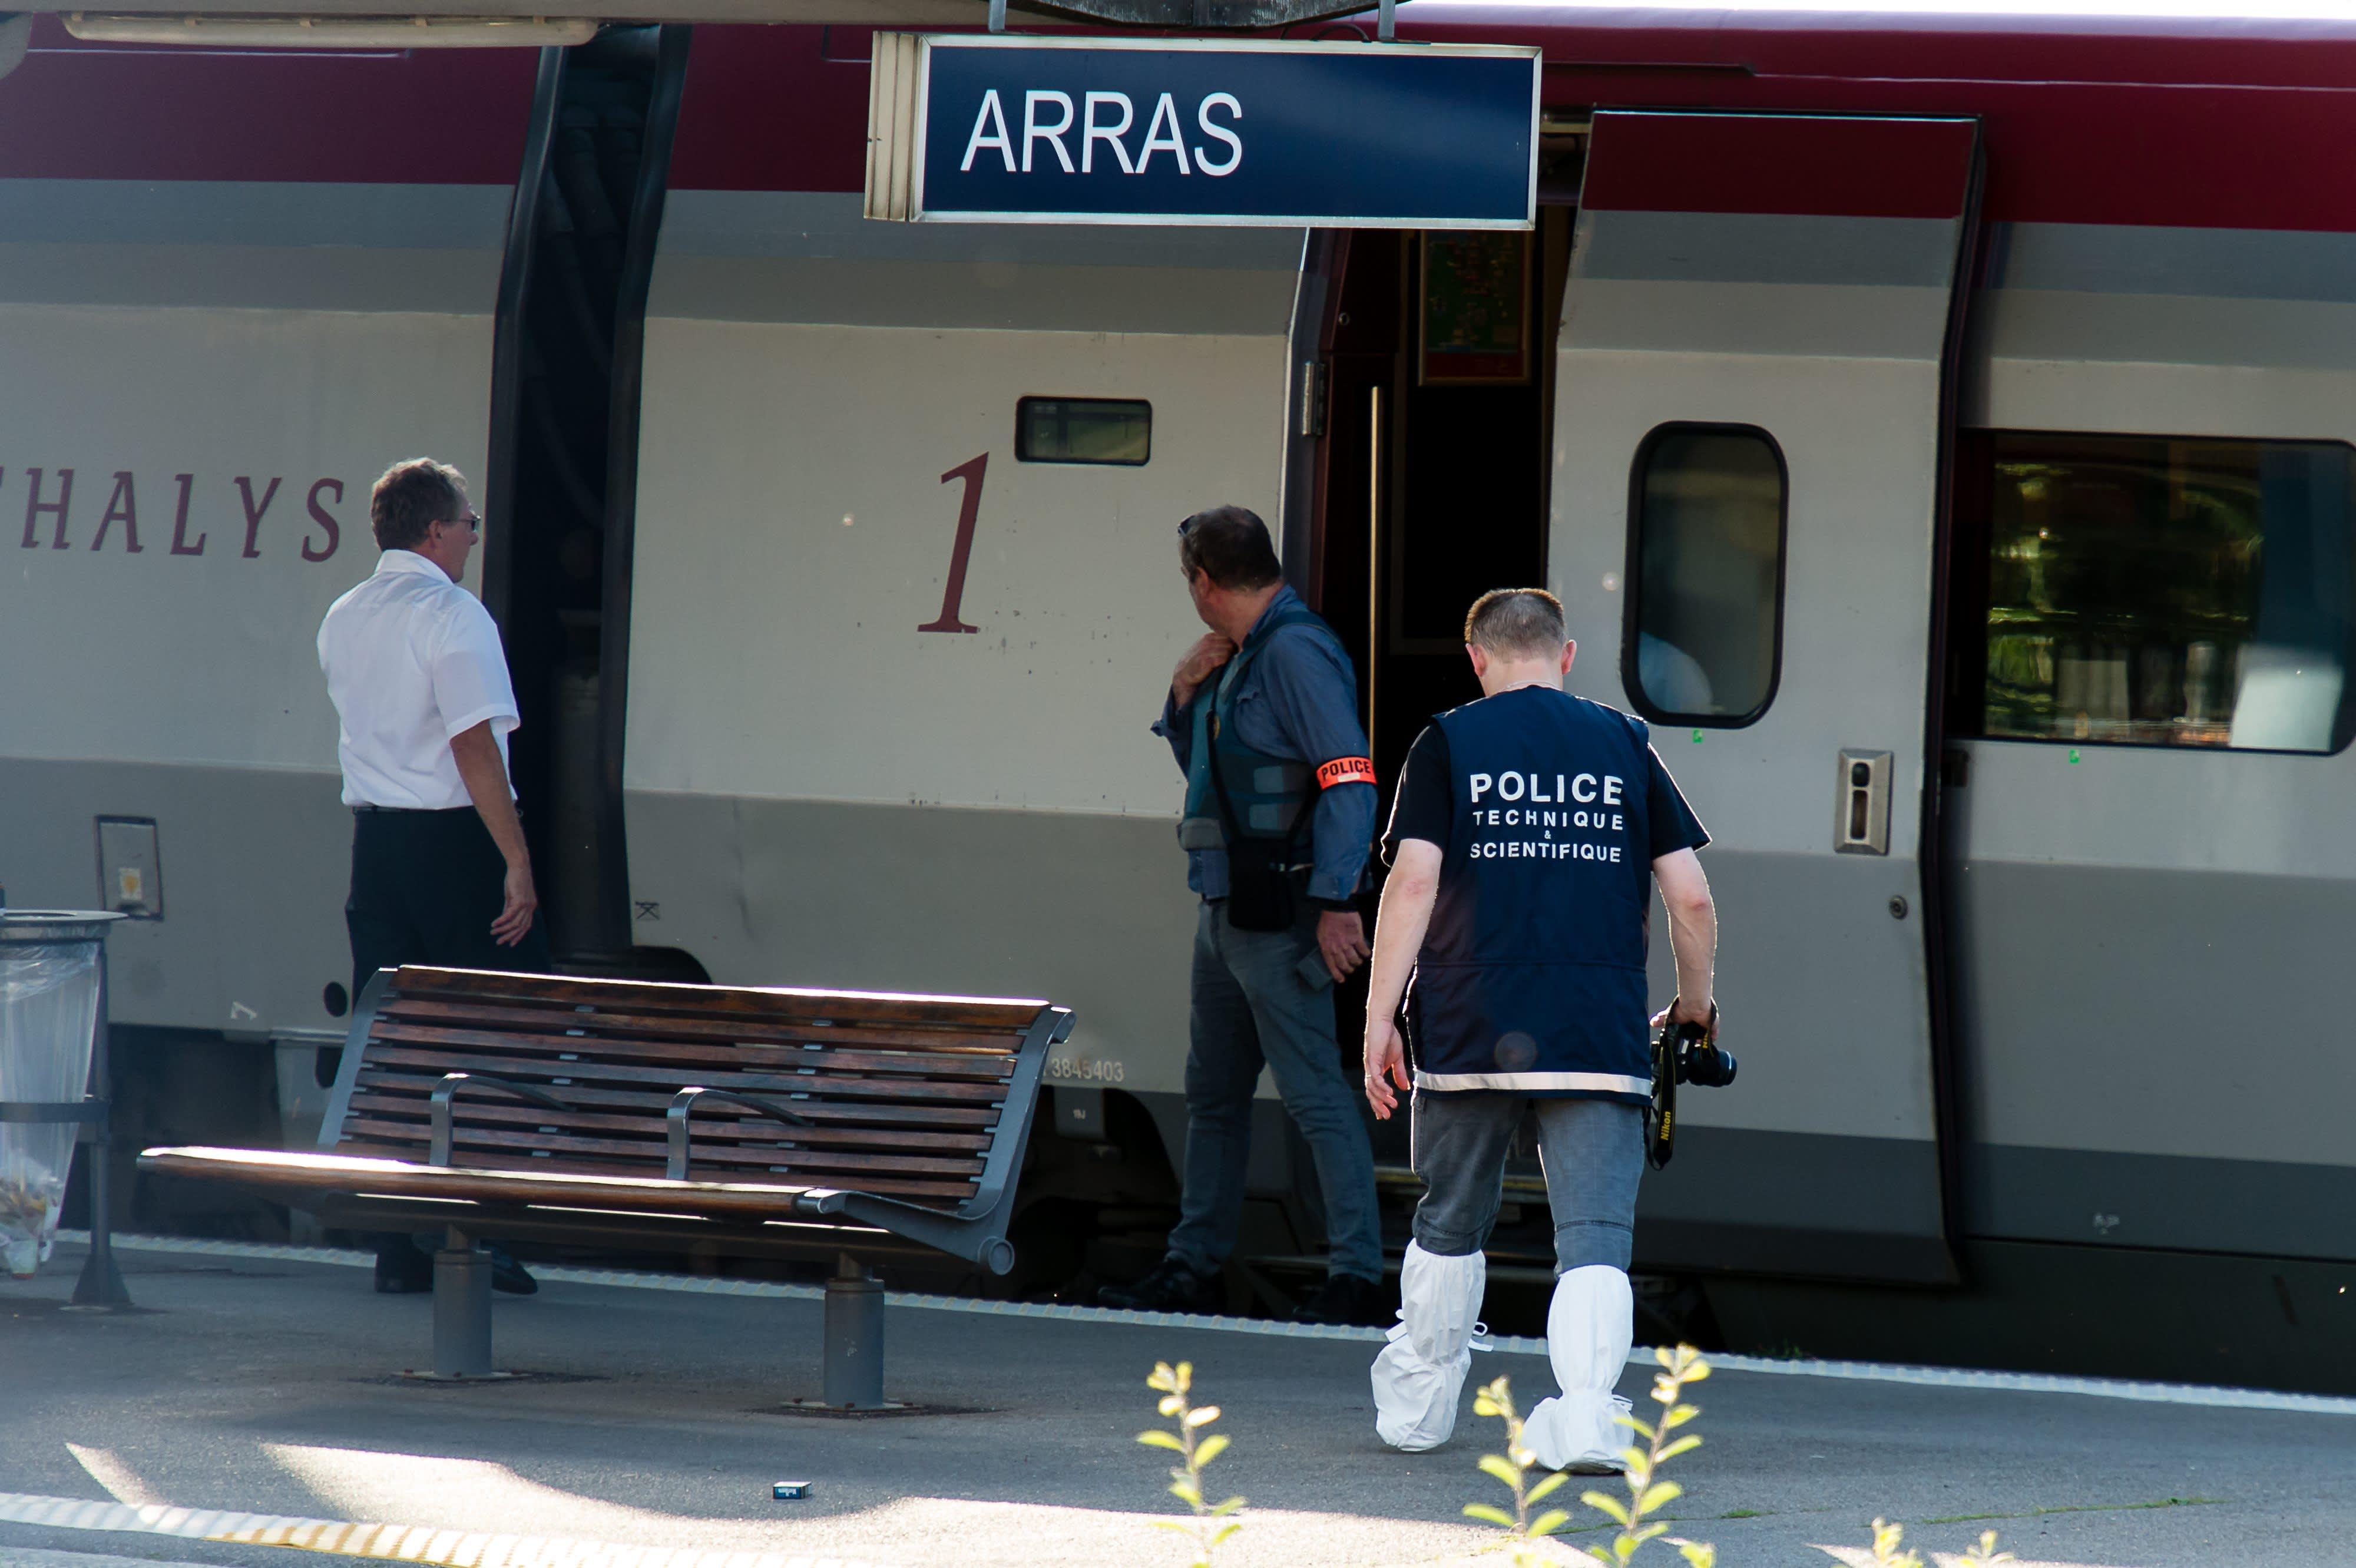 Poliisi Arrasin juna-asemalla Ranskassa. 21.8.2015 asemies avasi tulen junassa, haavoittaen kolme ihmistä.